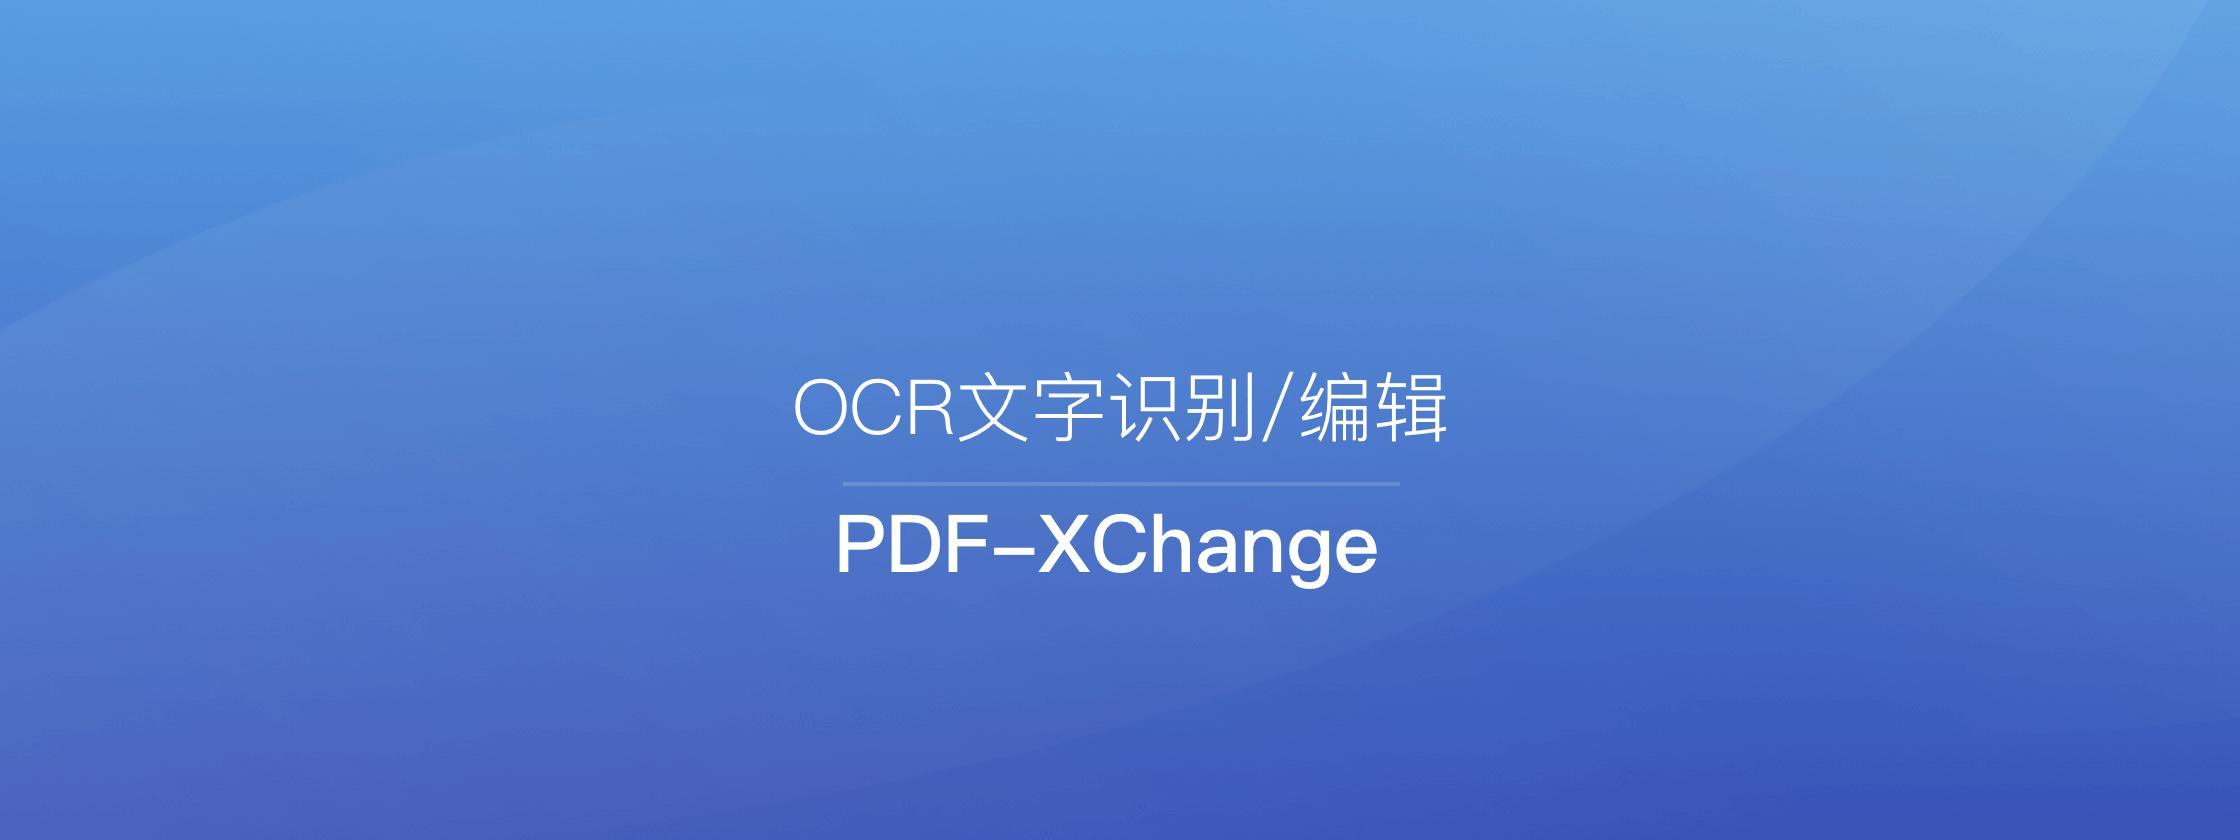 PDF-XChange – 编辑版 OCR文字识别/编辑